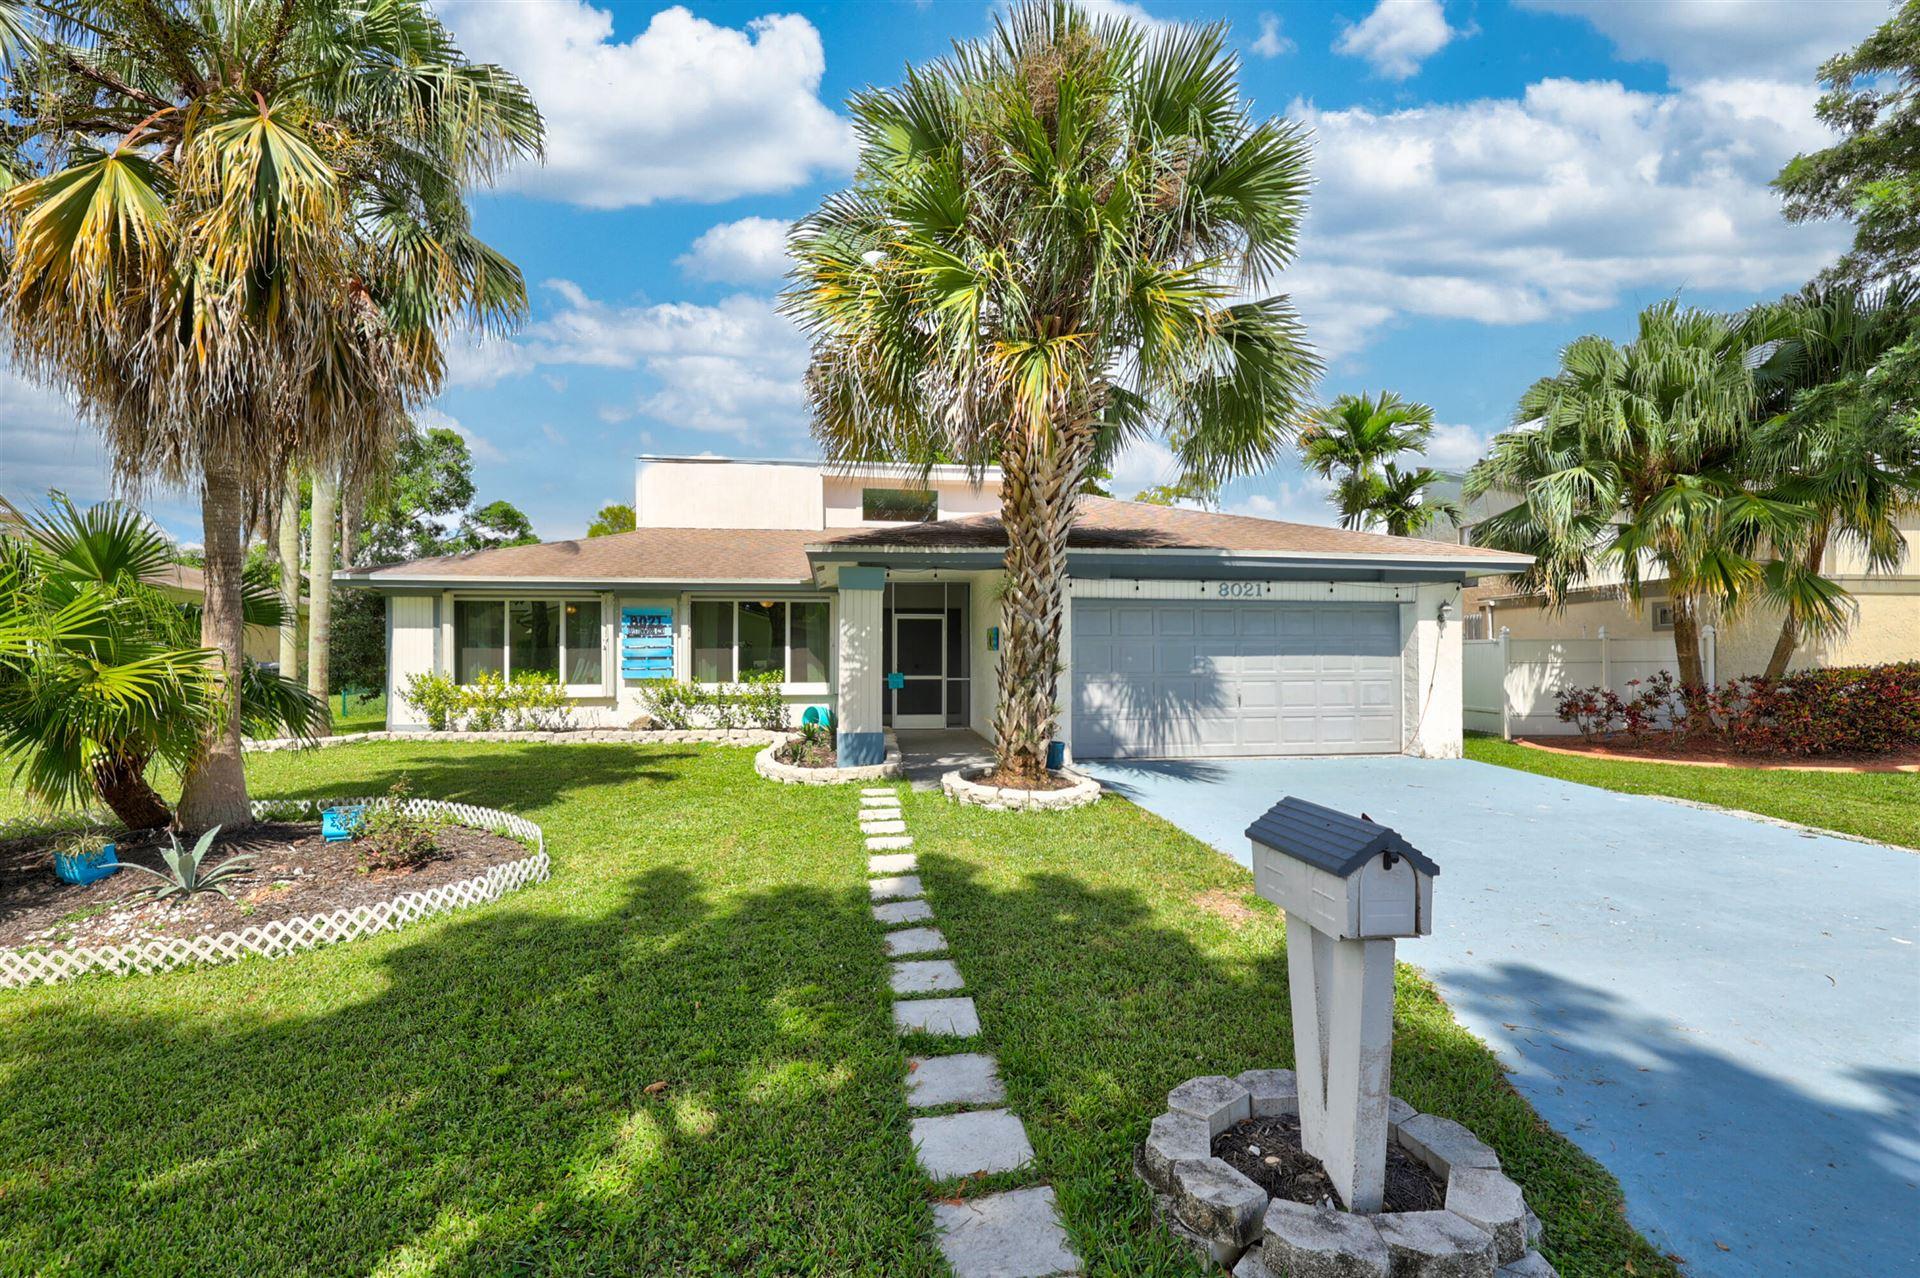 8021 Buttonwood Circle, Tamarac, FL 33321 - MLS#: RX-10752430